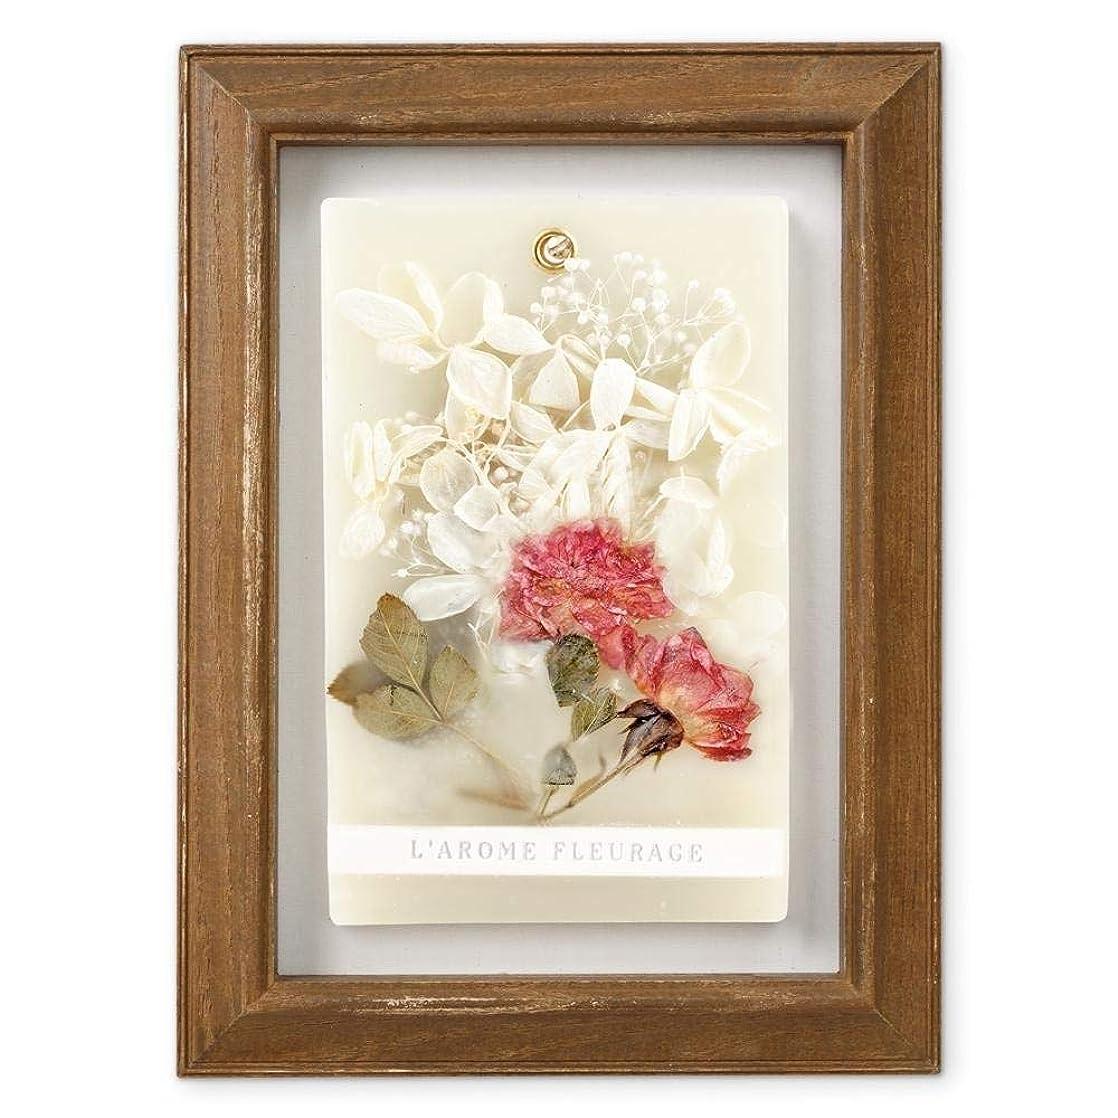 計画要求タウポ湖FLEURAGE(フルラージュ) アロマワックスサシェ ワイルドローズの香り Rose×AntiqueBrown KH-61122